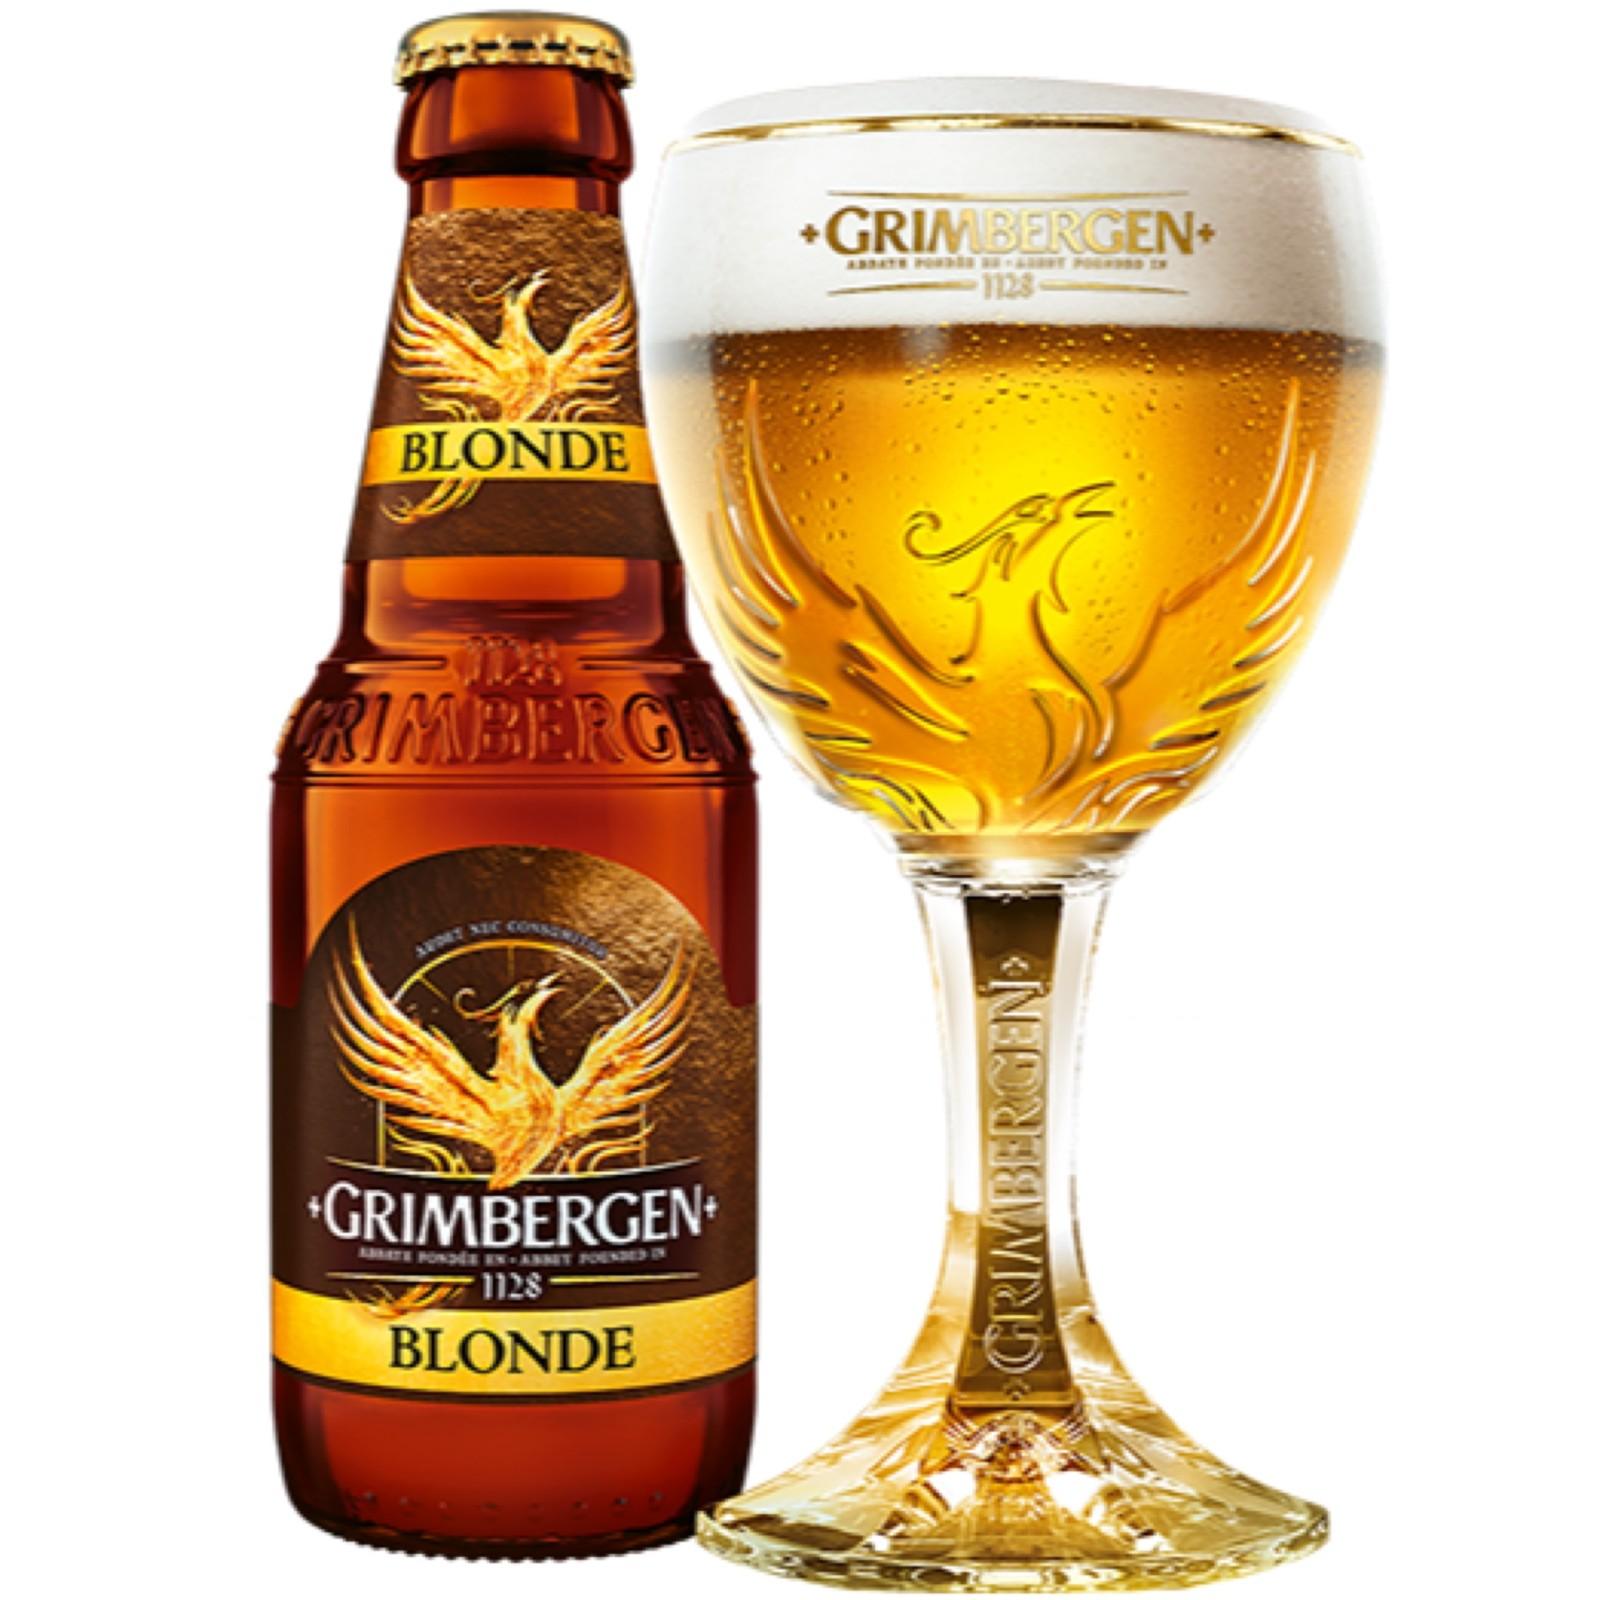 Grimbergen Blonde 6.7% 330ml